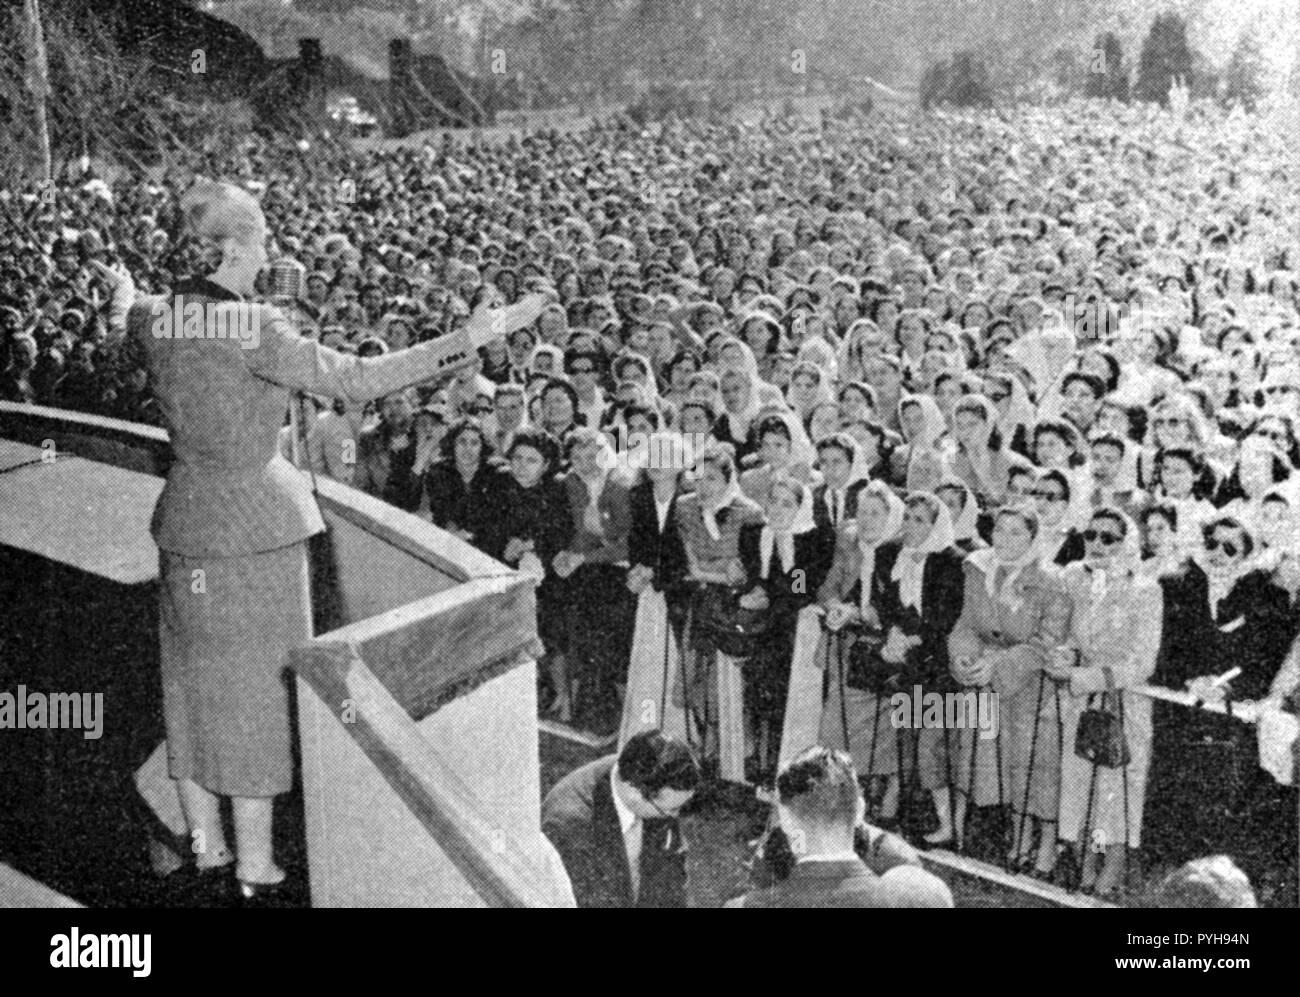 EVA PERÓN (1919-1952), esposa del presidente argentino Juan Perron, alrededor de 1948 en el rallye de Womens' derechos de voto a bout 1950 Imagen De Stock